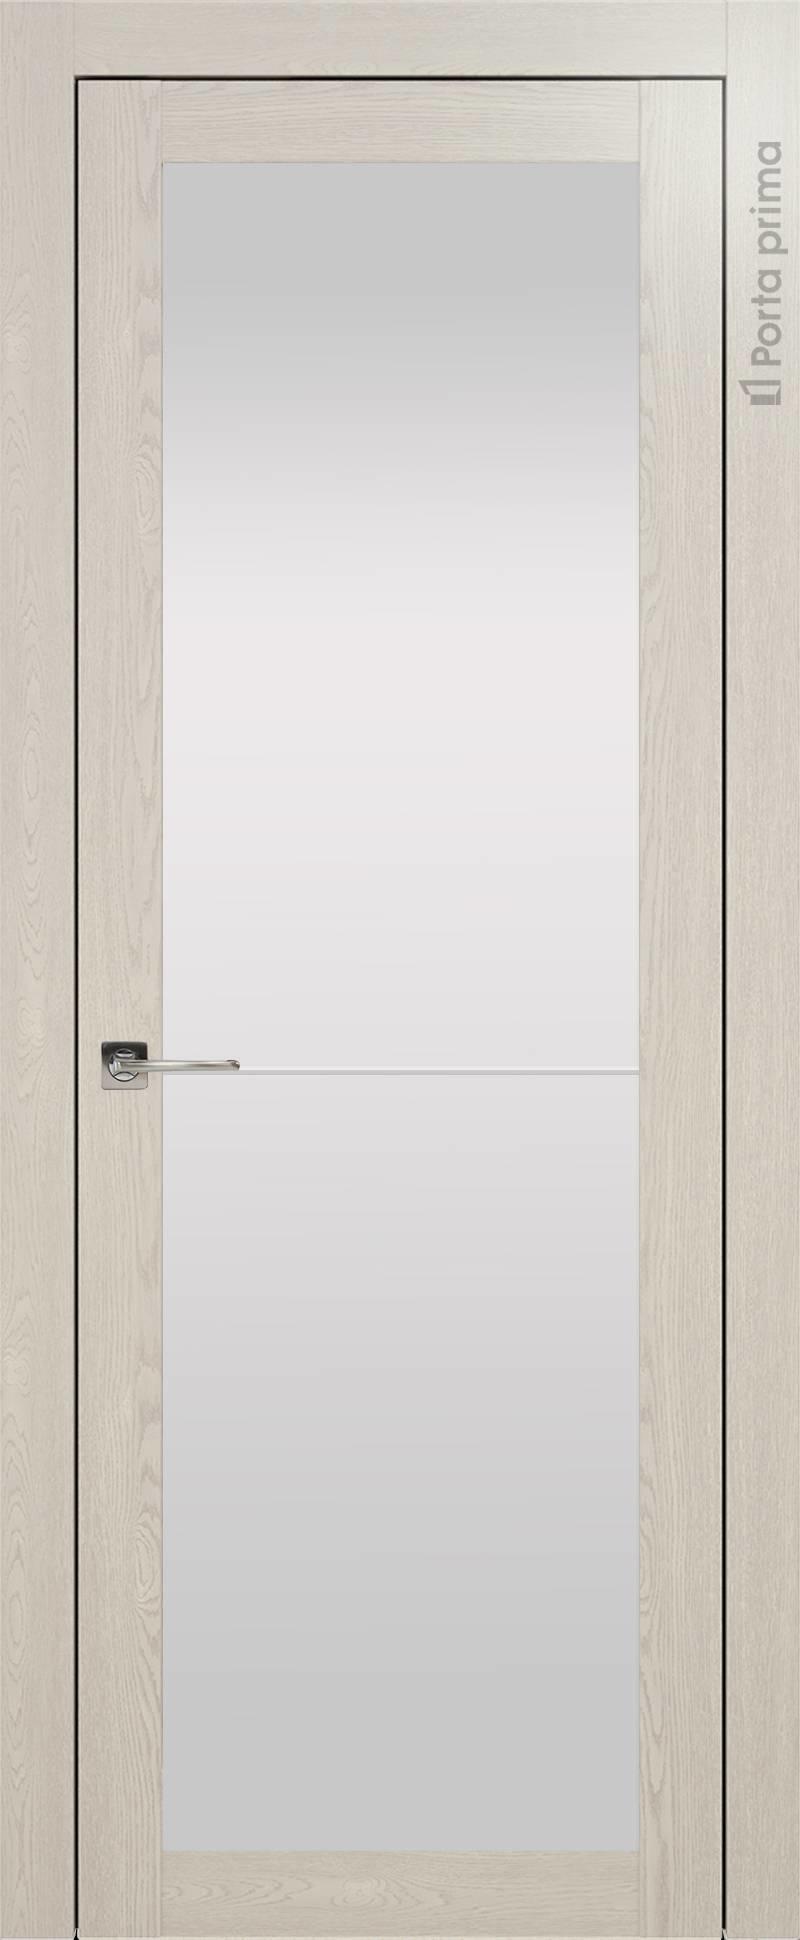 Tivoli З-2 цвет - Дуб шампань Со стеклом (ДО)